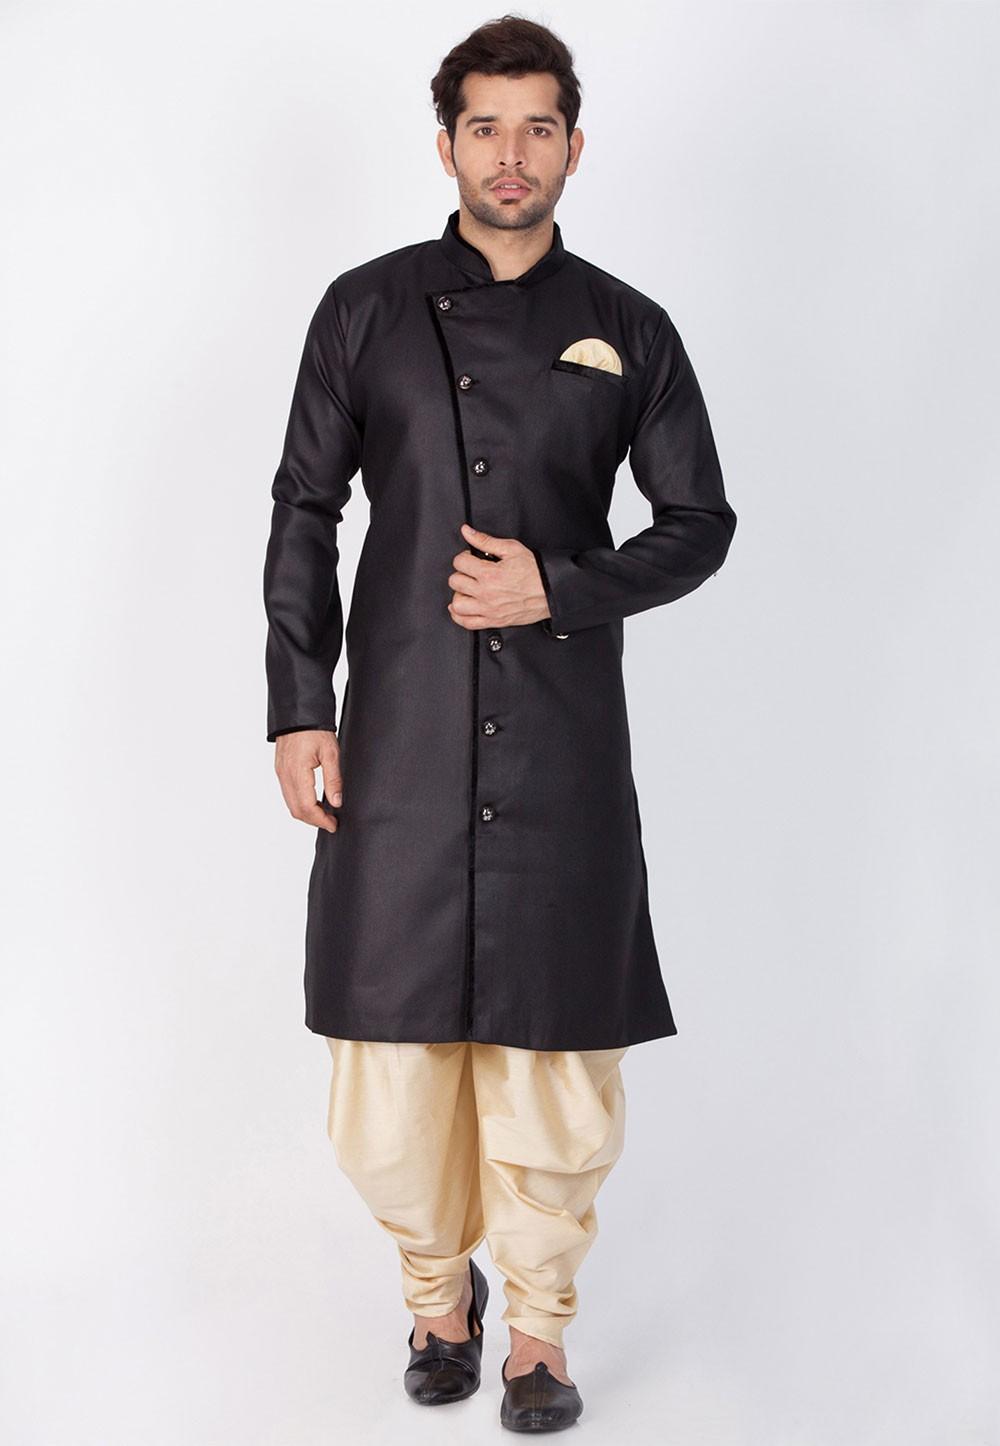 Black Color Cotton Dhoti Kurta for men